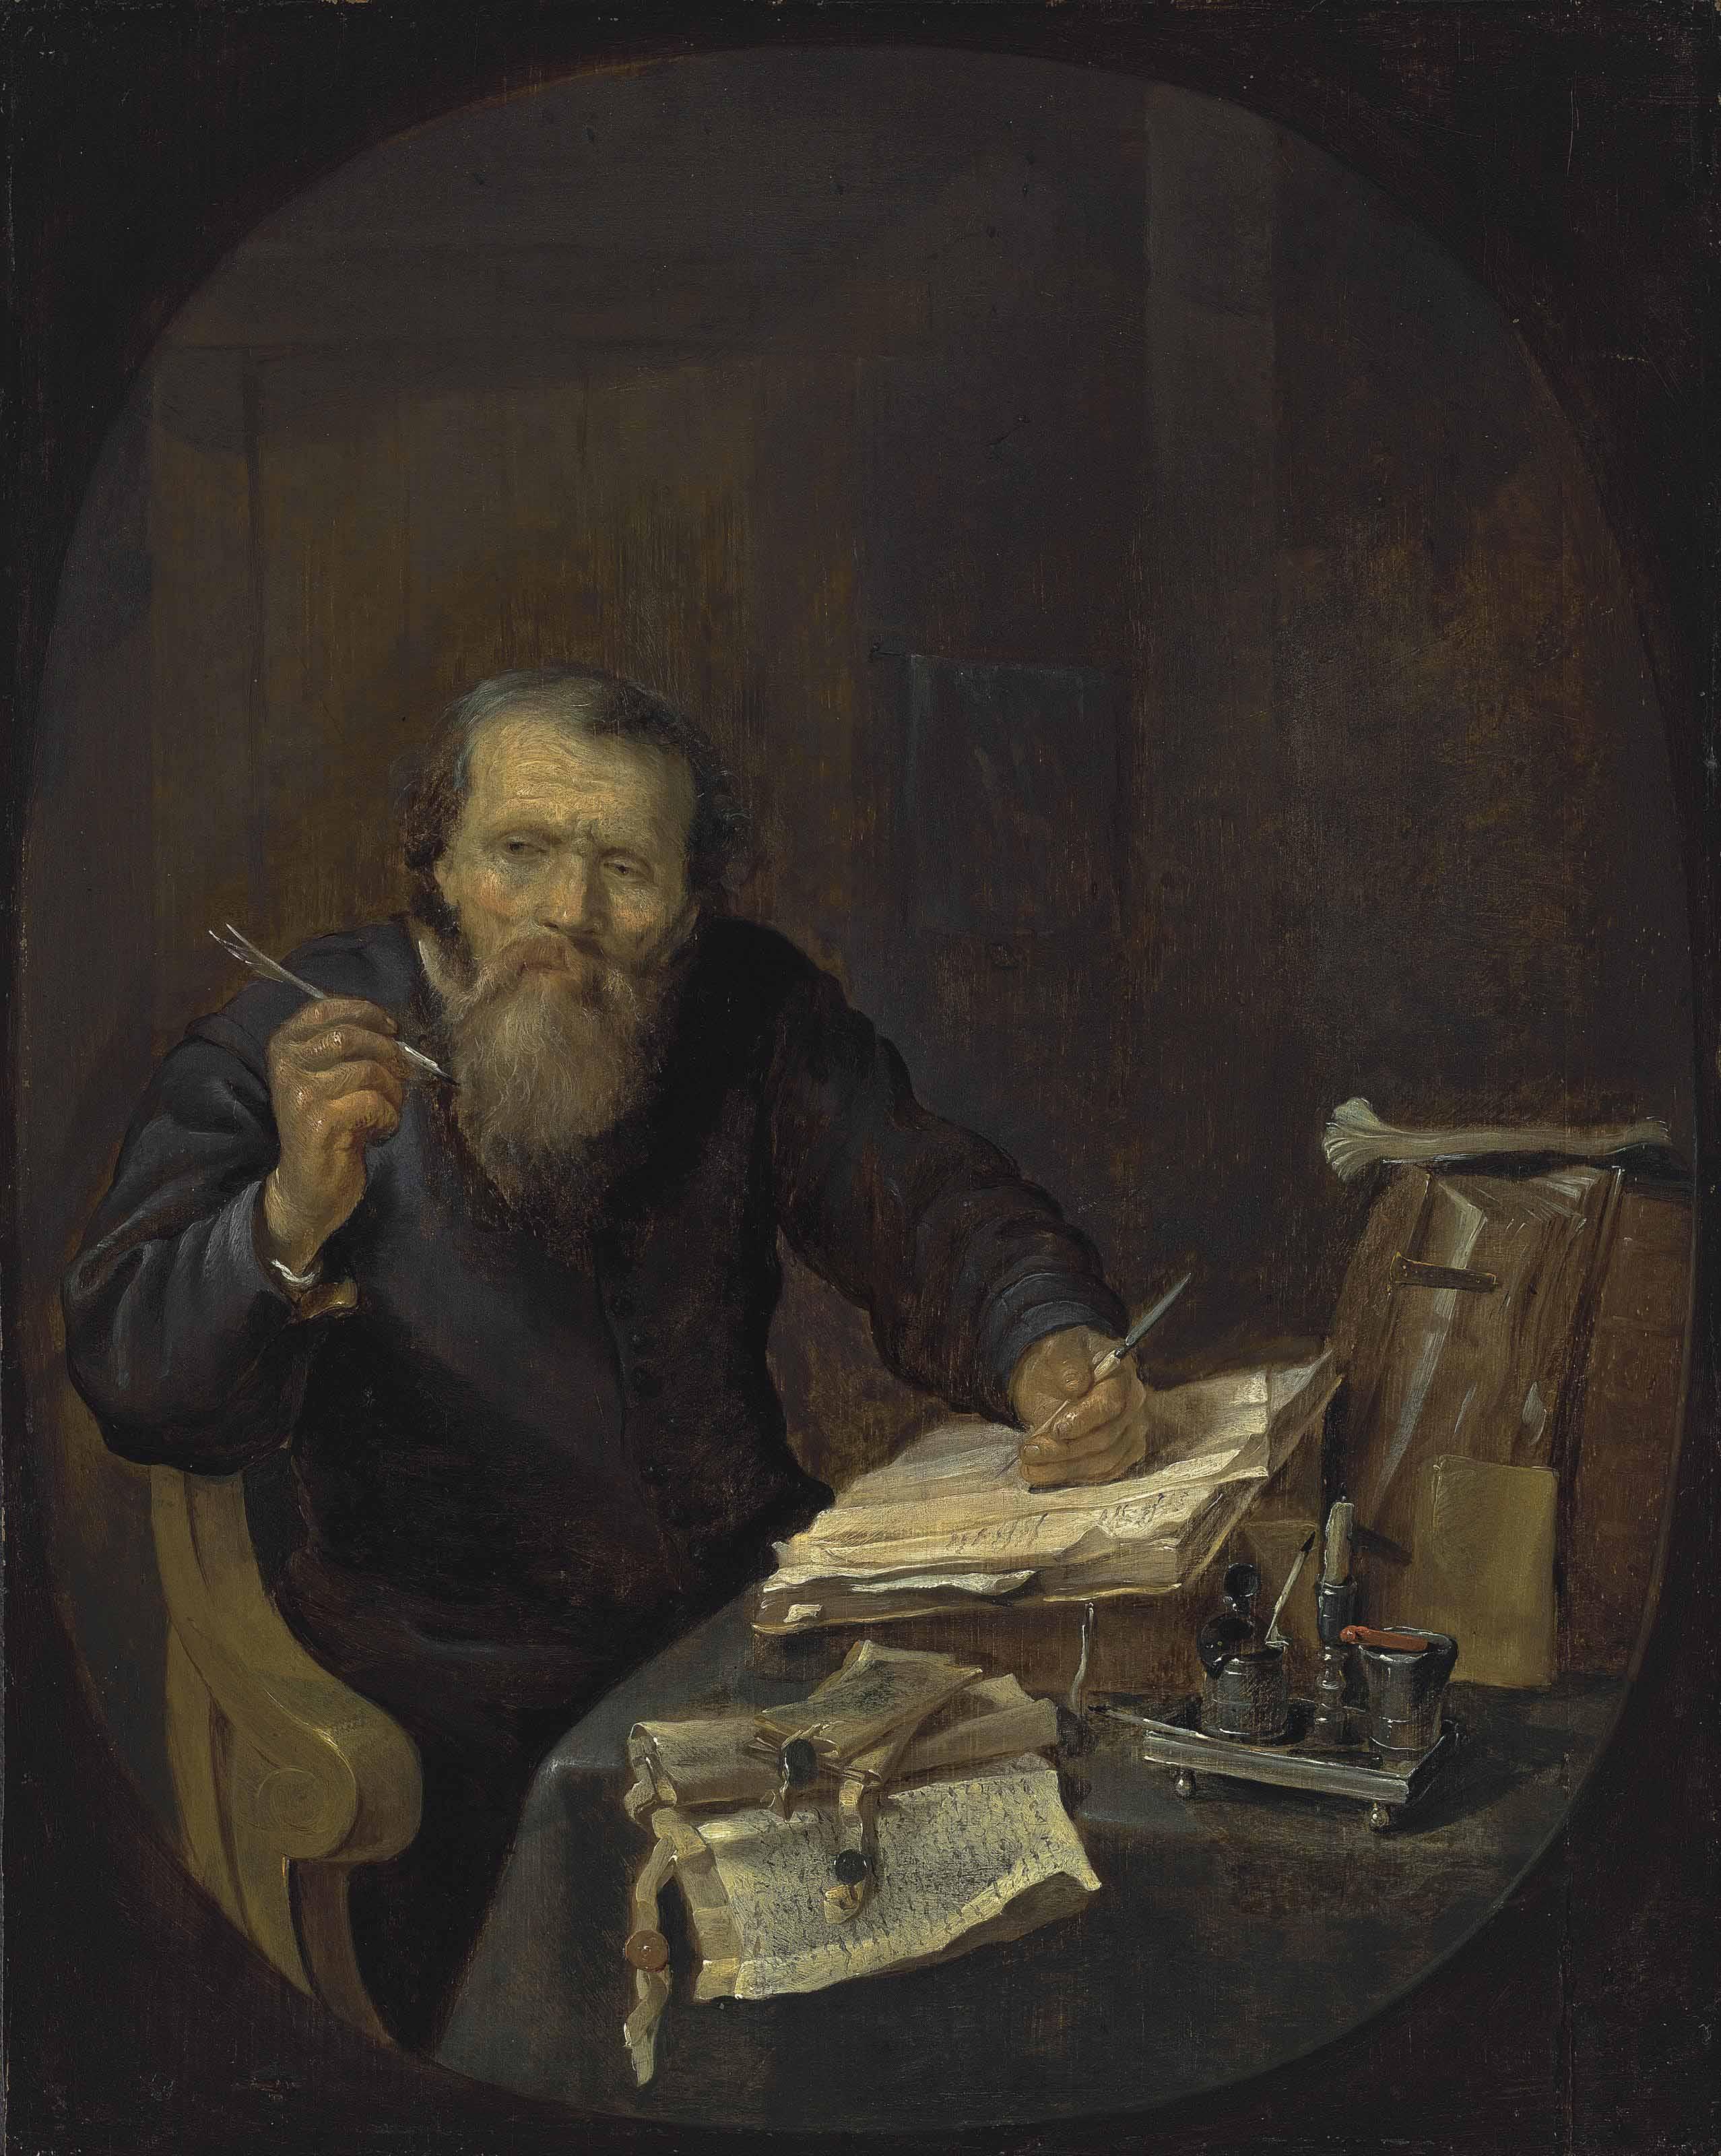 Gabriel Metsu (Leiden 1629-166